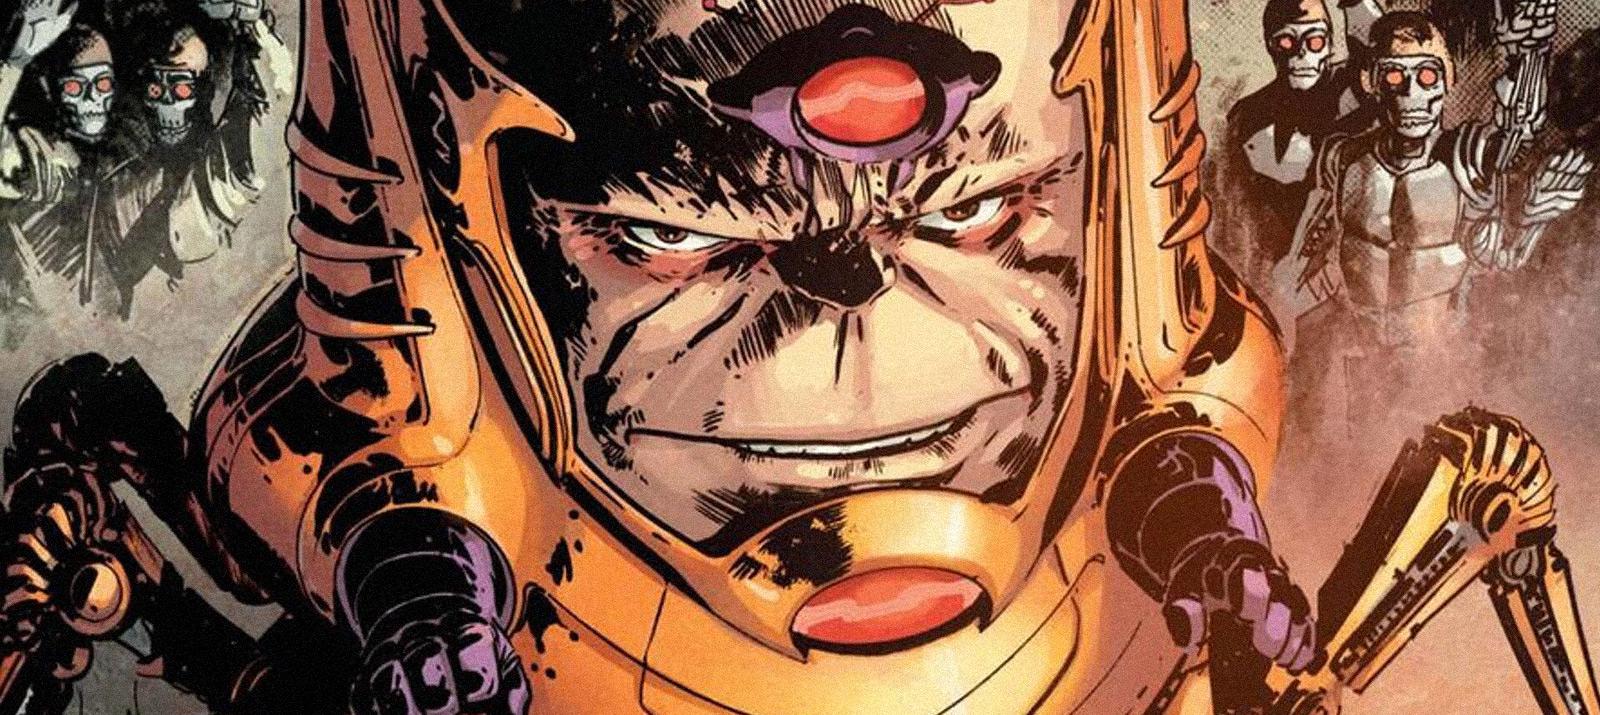 Силу нельзя обуздать: Кто такой МОДОК и почему он — злодей в Marvel's Avengers?